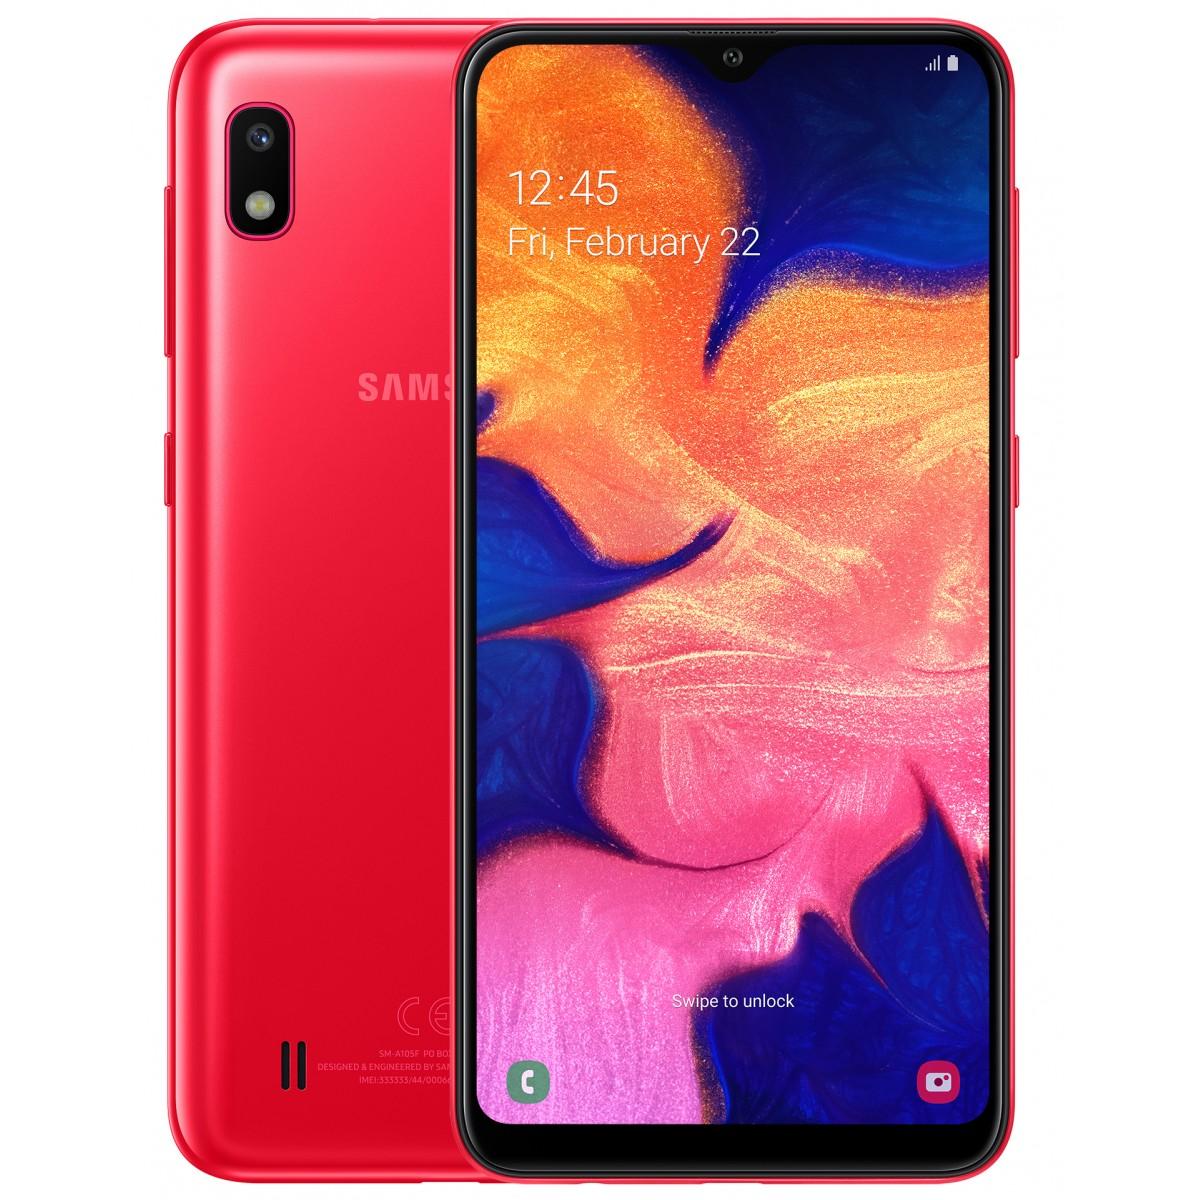 Samsung Galaxy A10 Dual SIM - 32GB, 2GB RAM, 4G LTE, Red